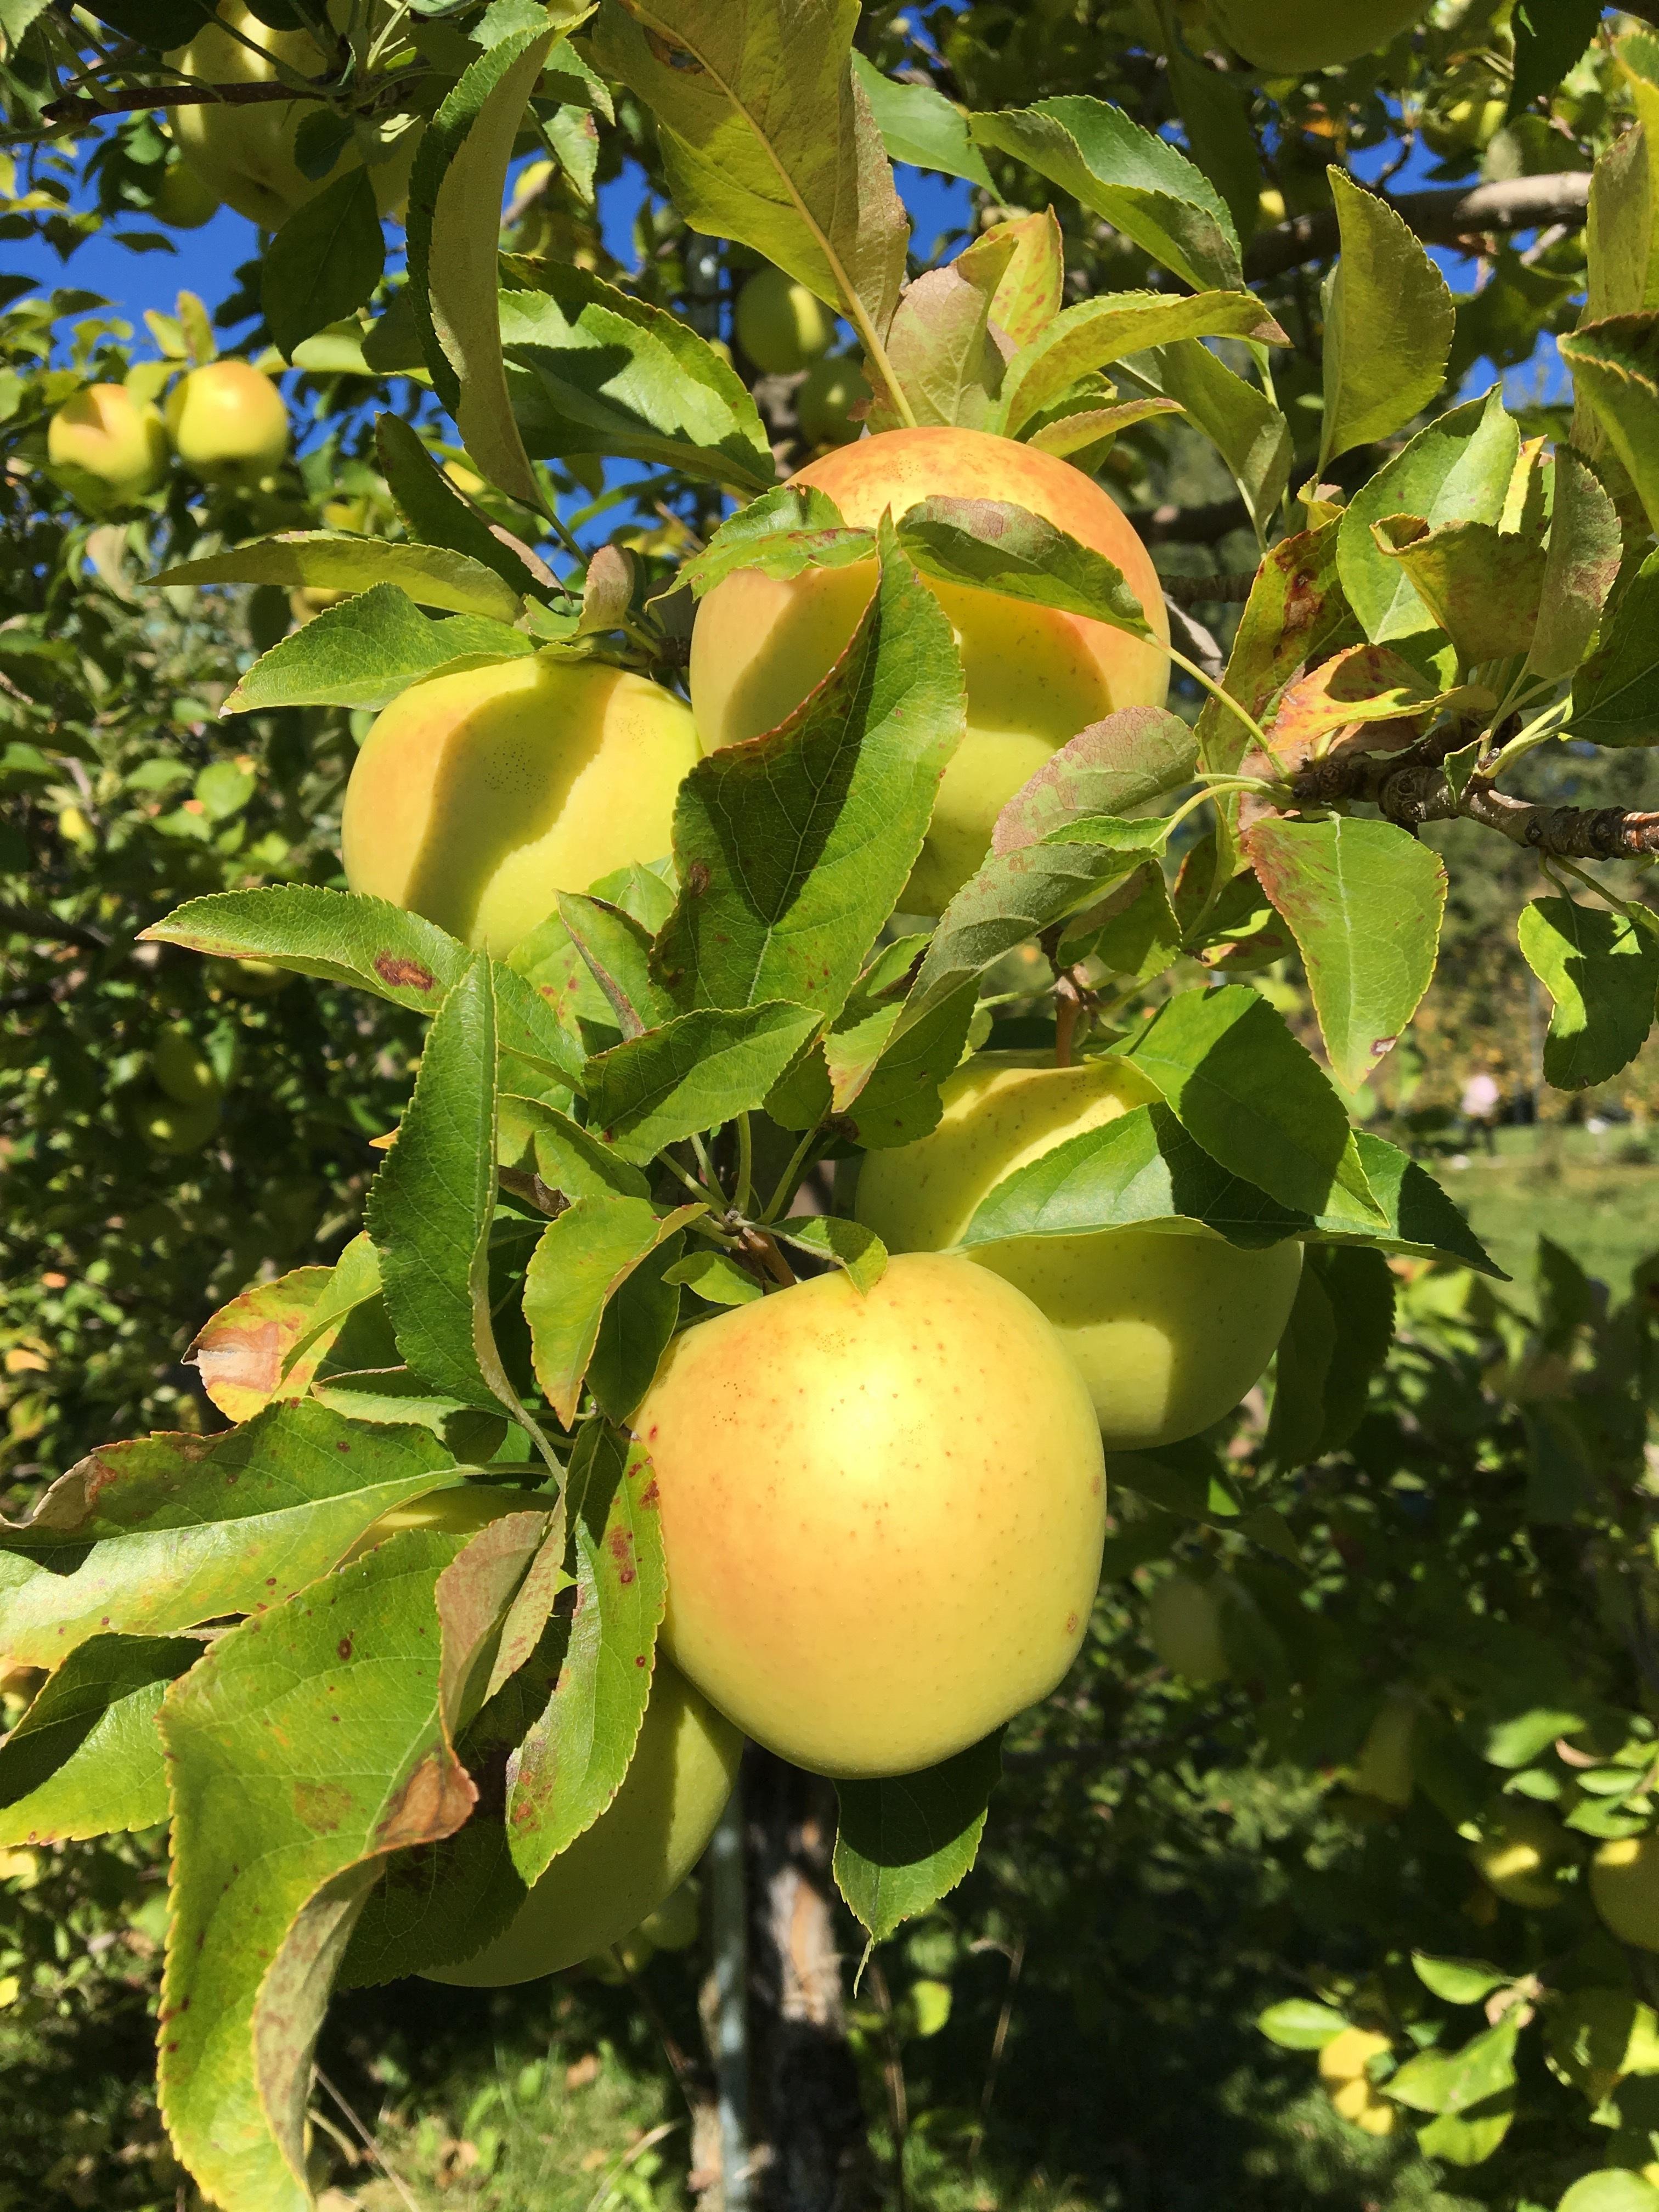 76+ Gambar Apel Emas HD